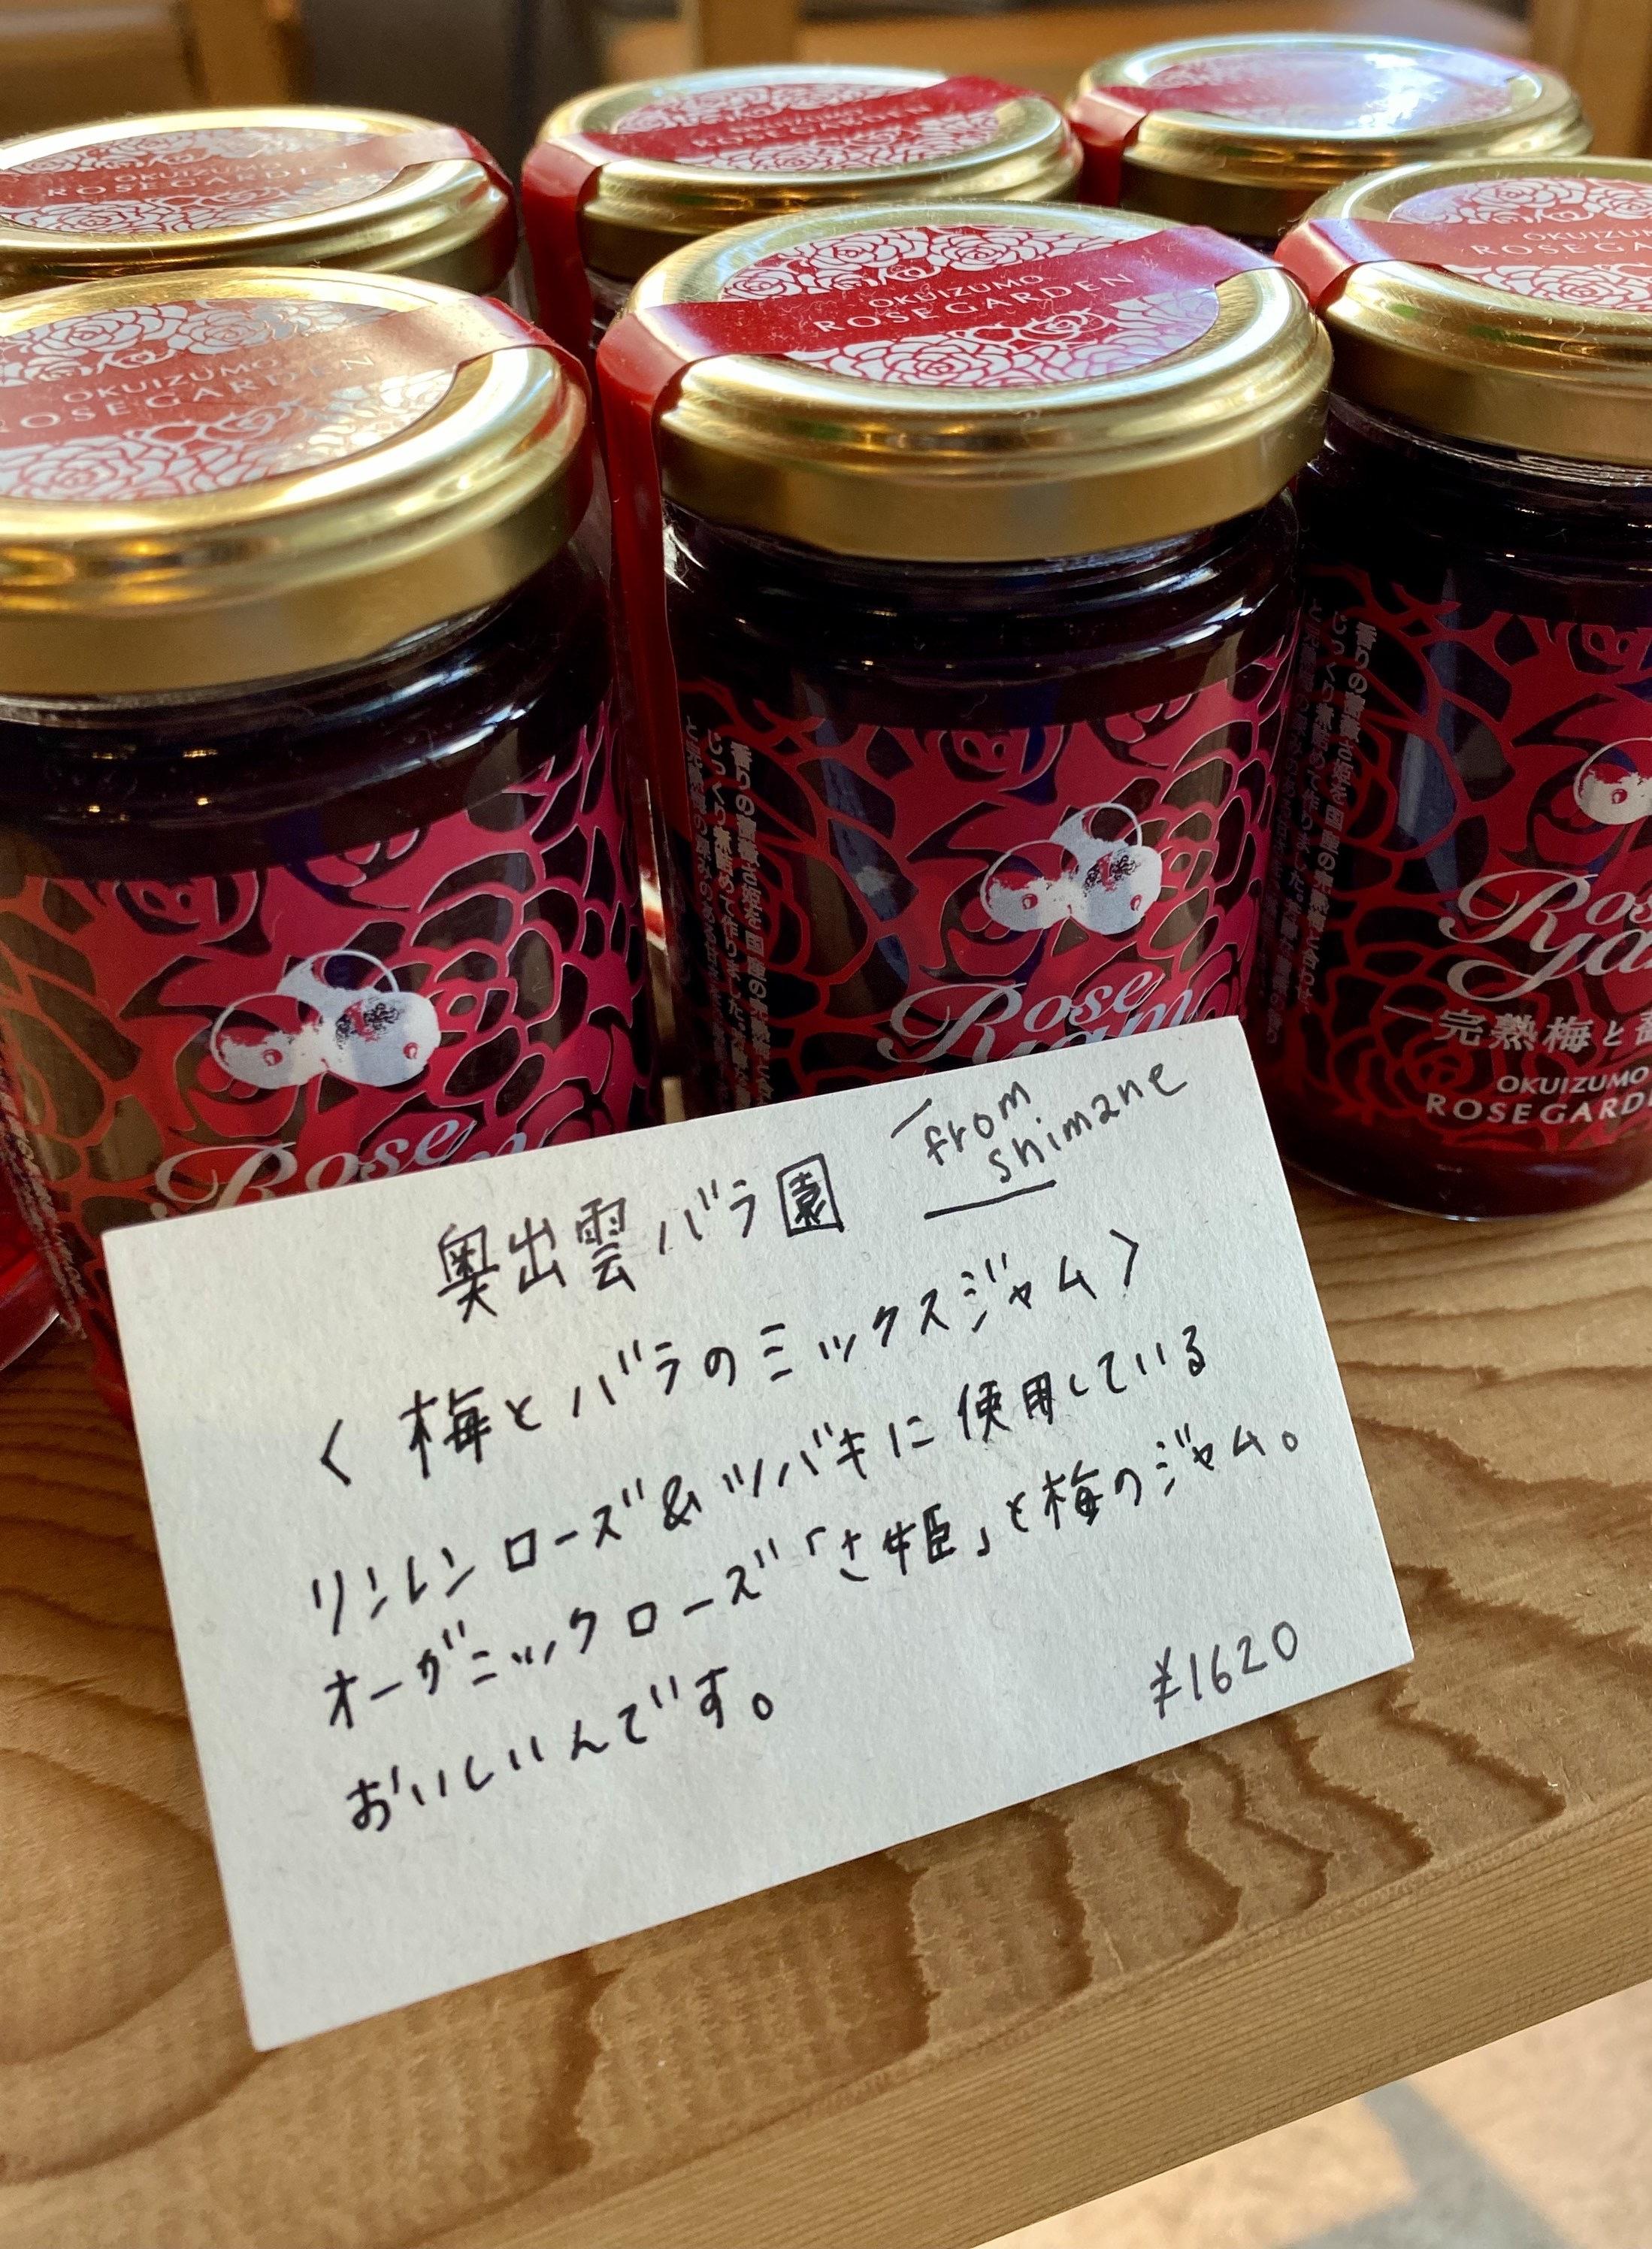 梅とバラのオーガニックmixジャム